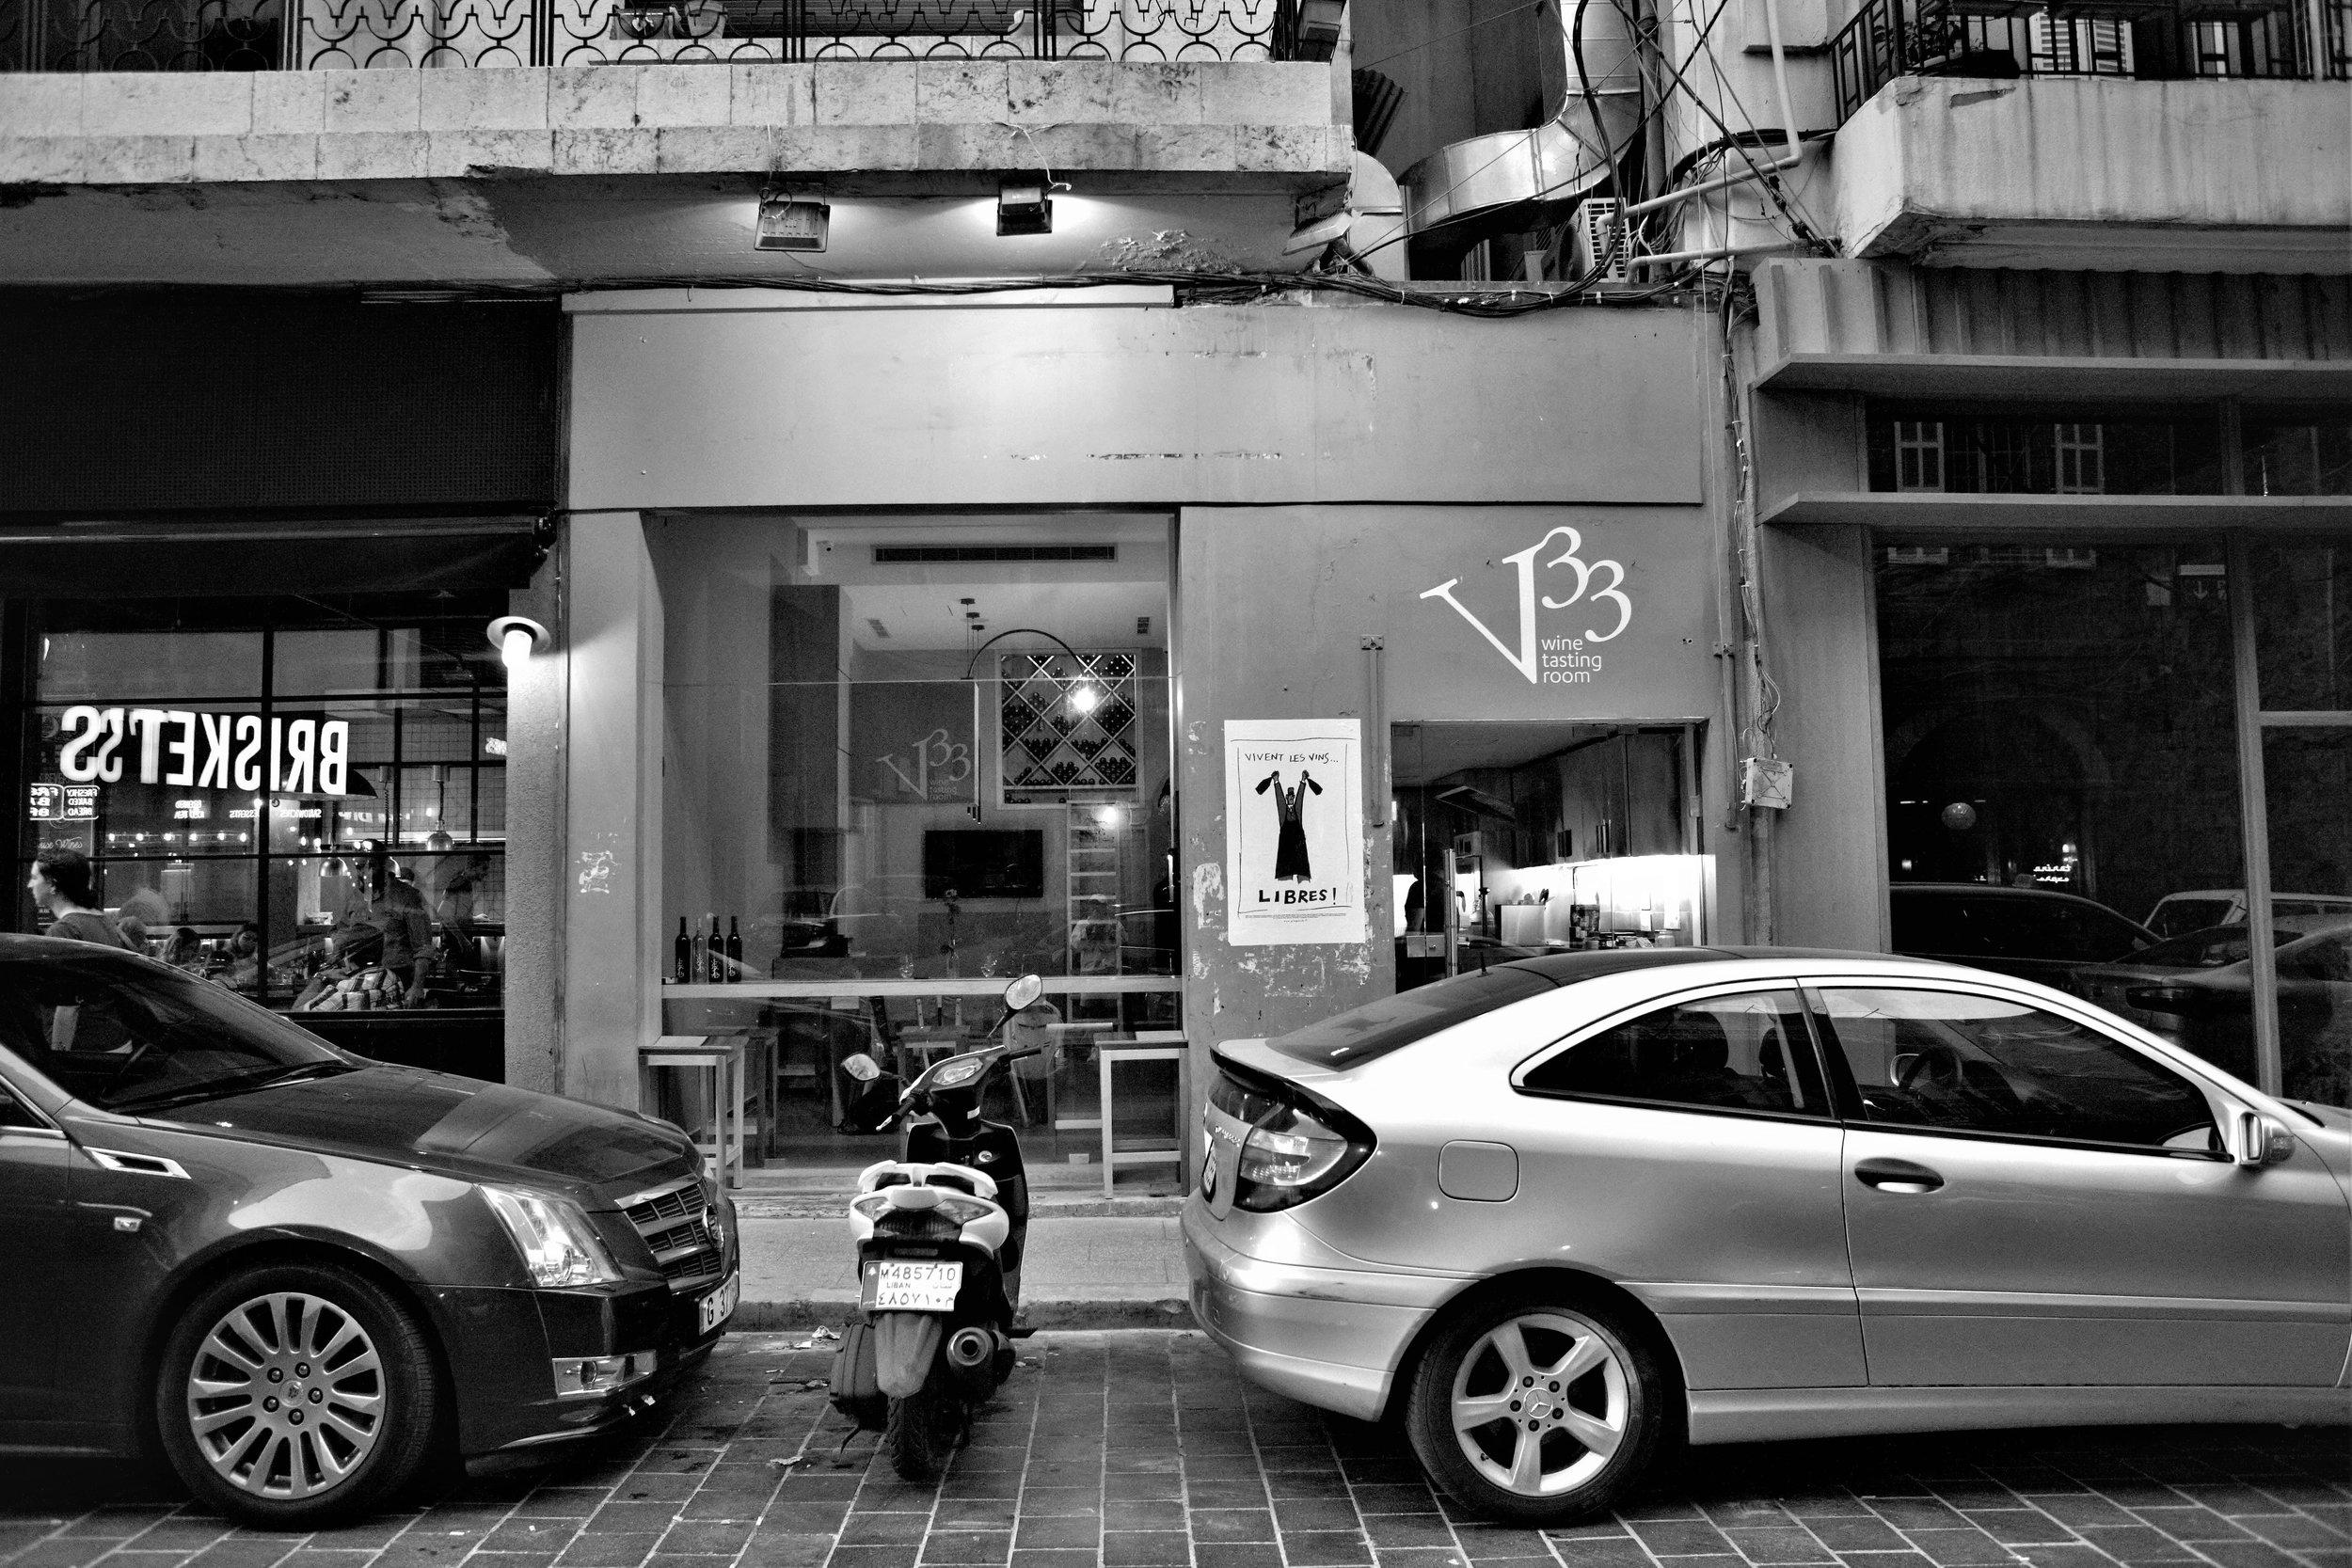 Die Weinbar von Vertical 33 in Beirut.